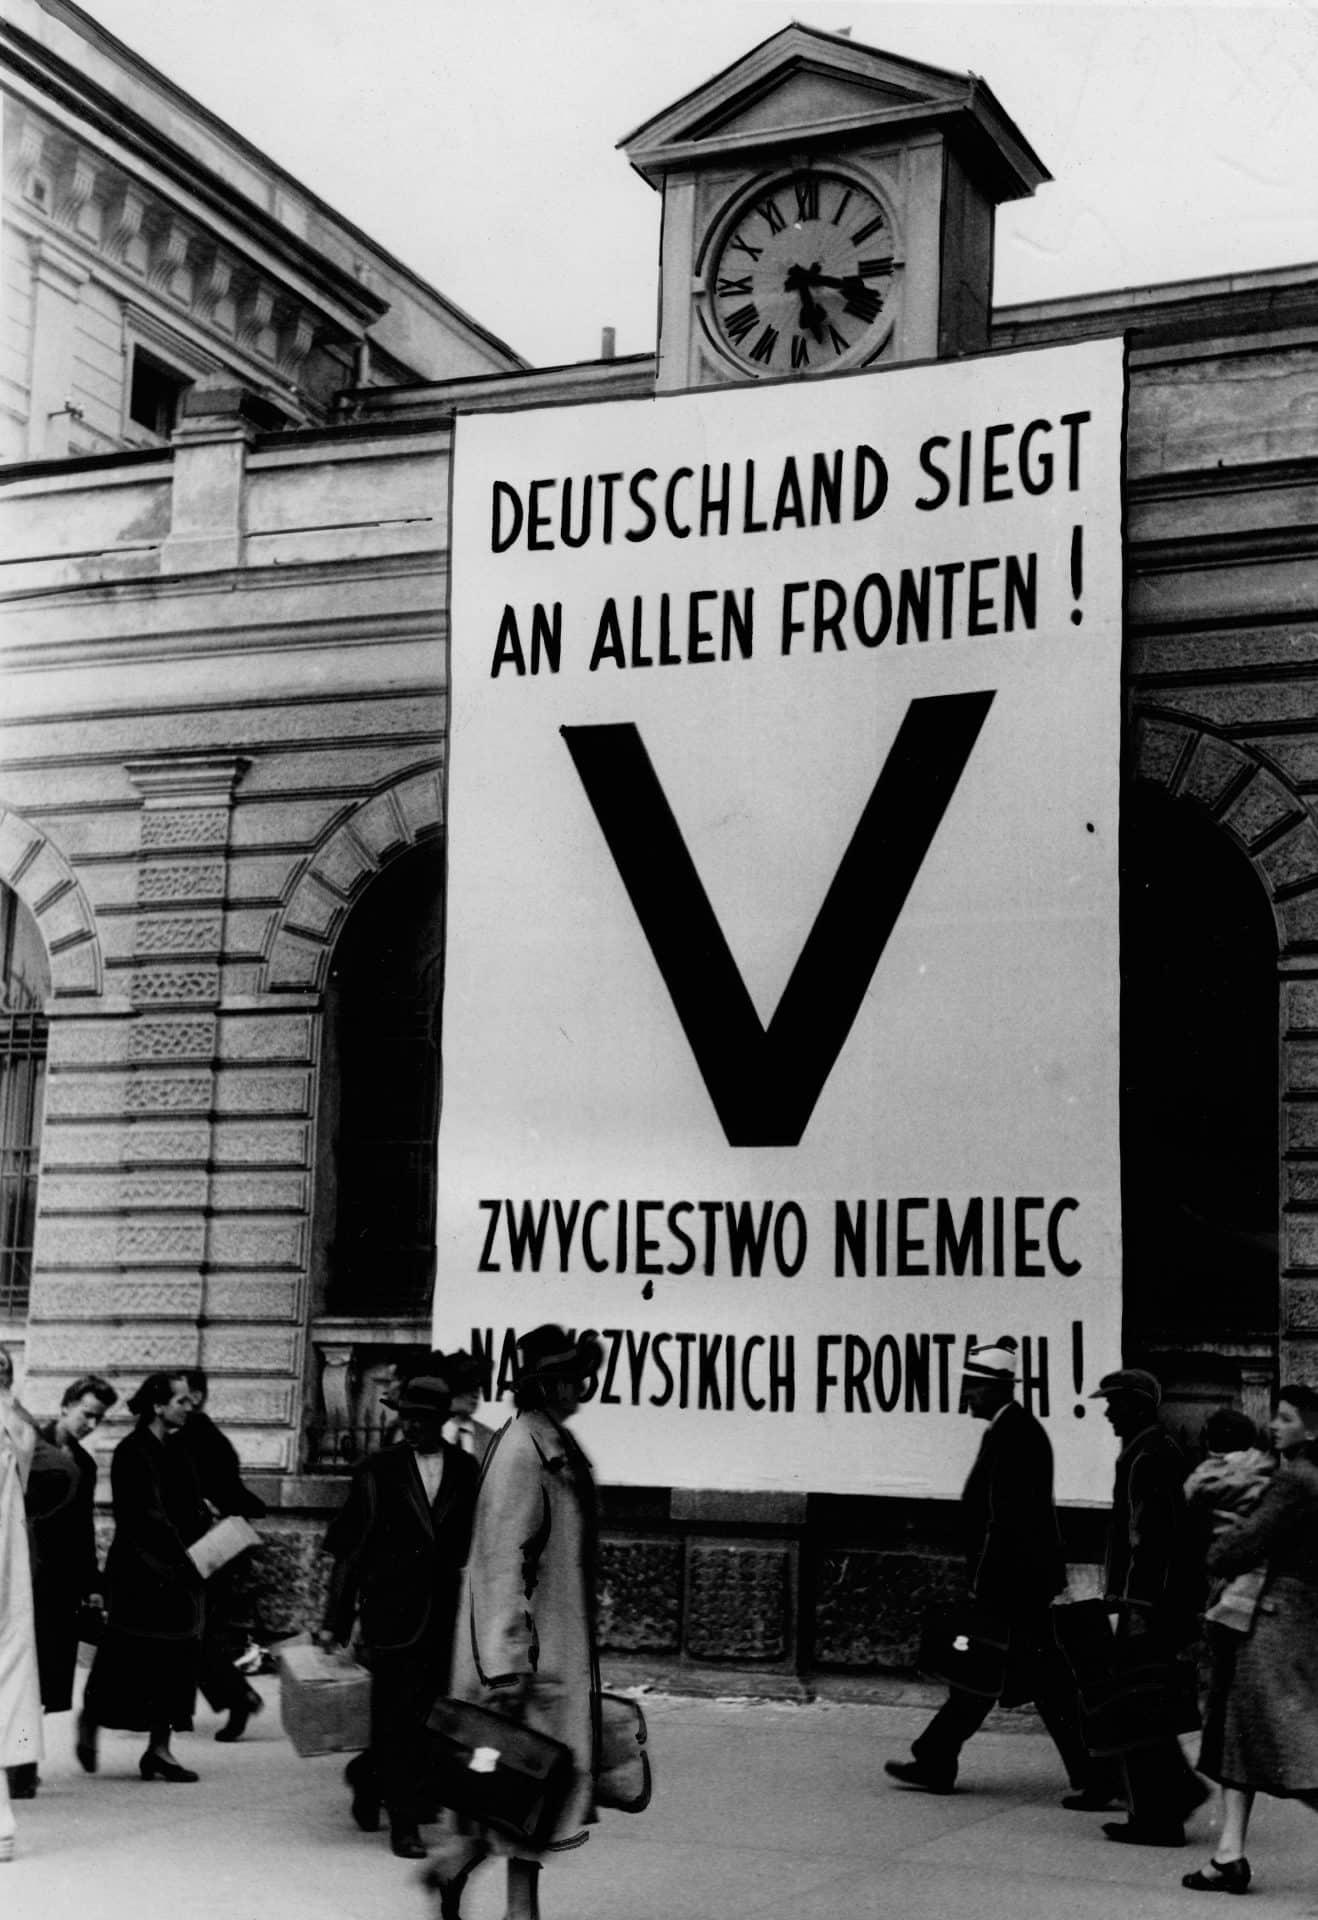 Rozwieszony na budynku plakat z symbolem Victorii. Źródło: Narodowe Archiwum Cyfrowe. Niemiecka okupacja w Krakowie